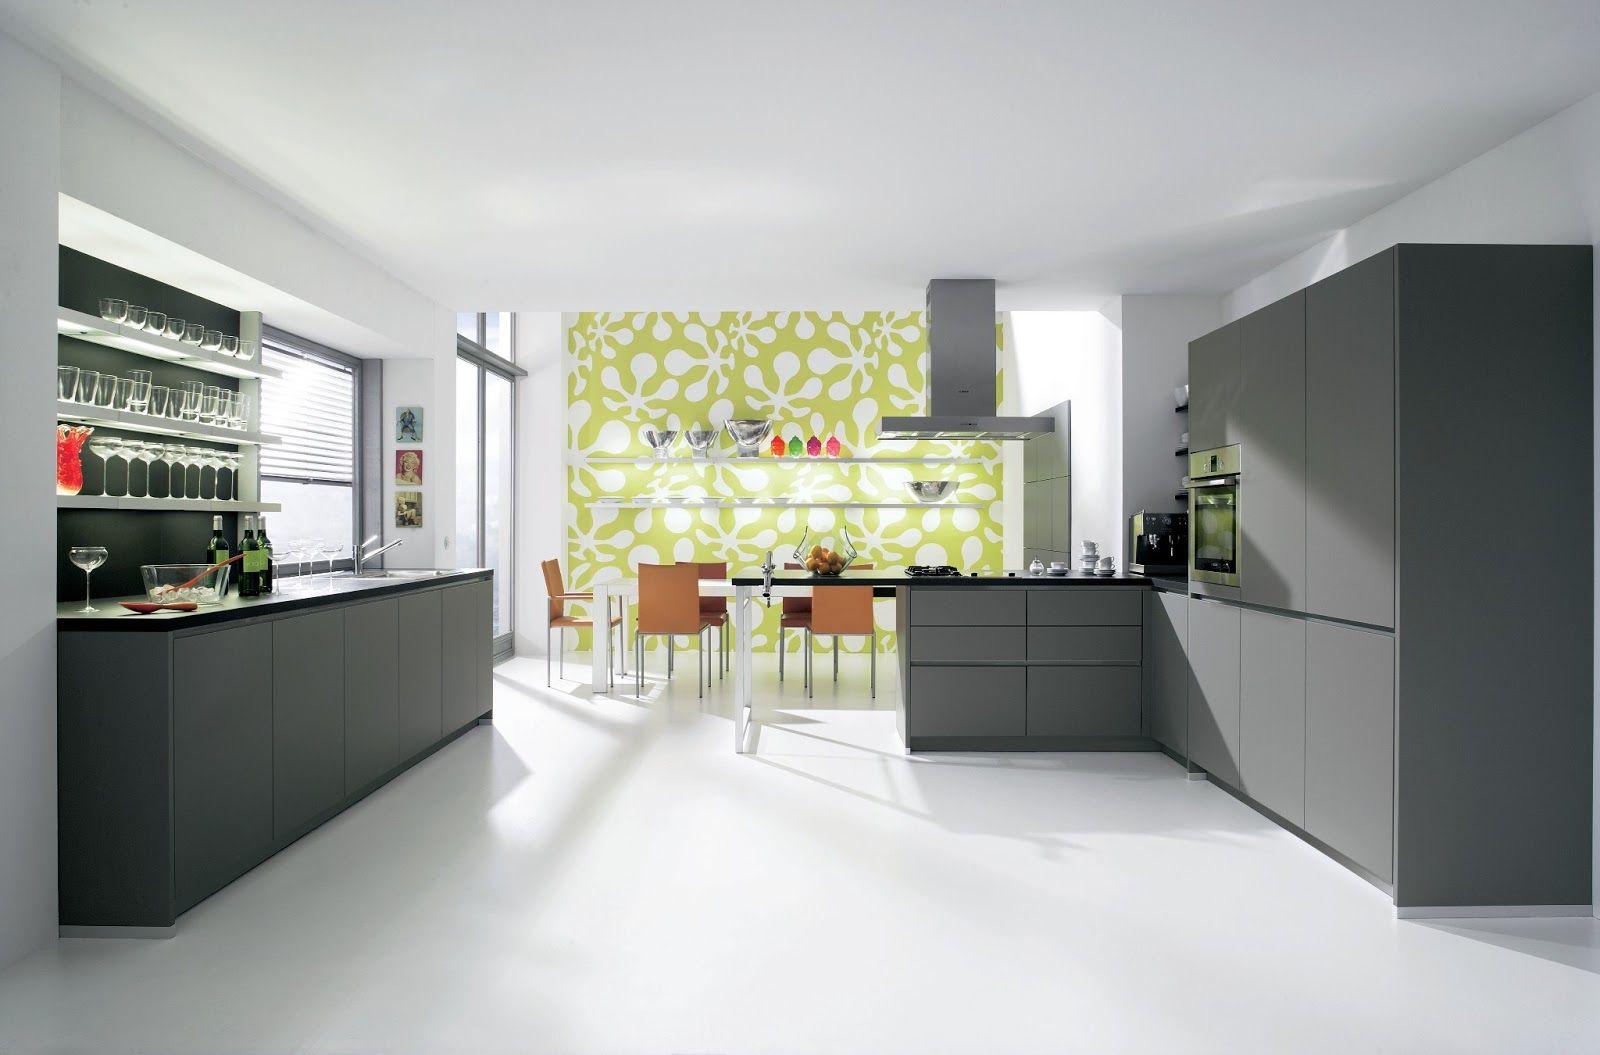 Cuisine Gris Anthracite Laquée cuisine design laquée mate gris anthracite   cuisines design